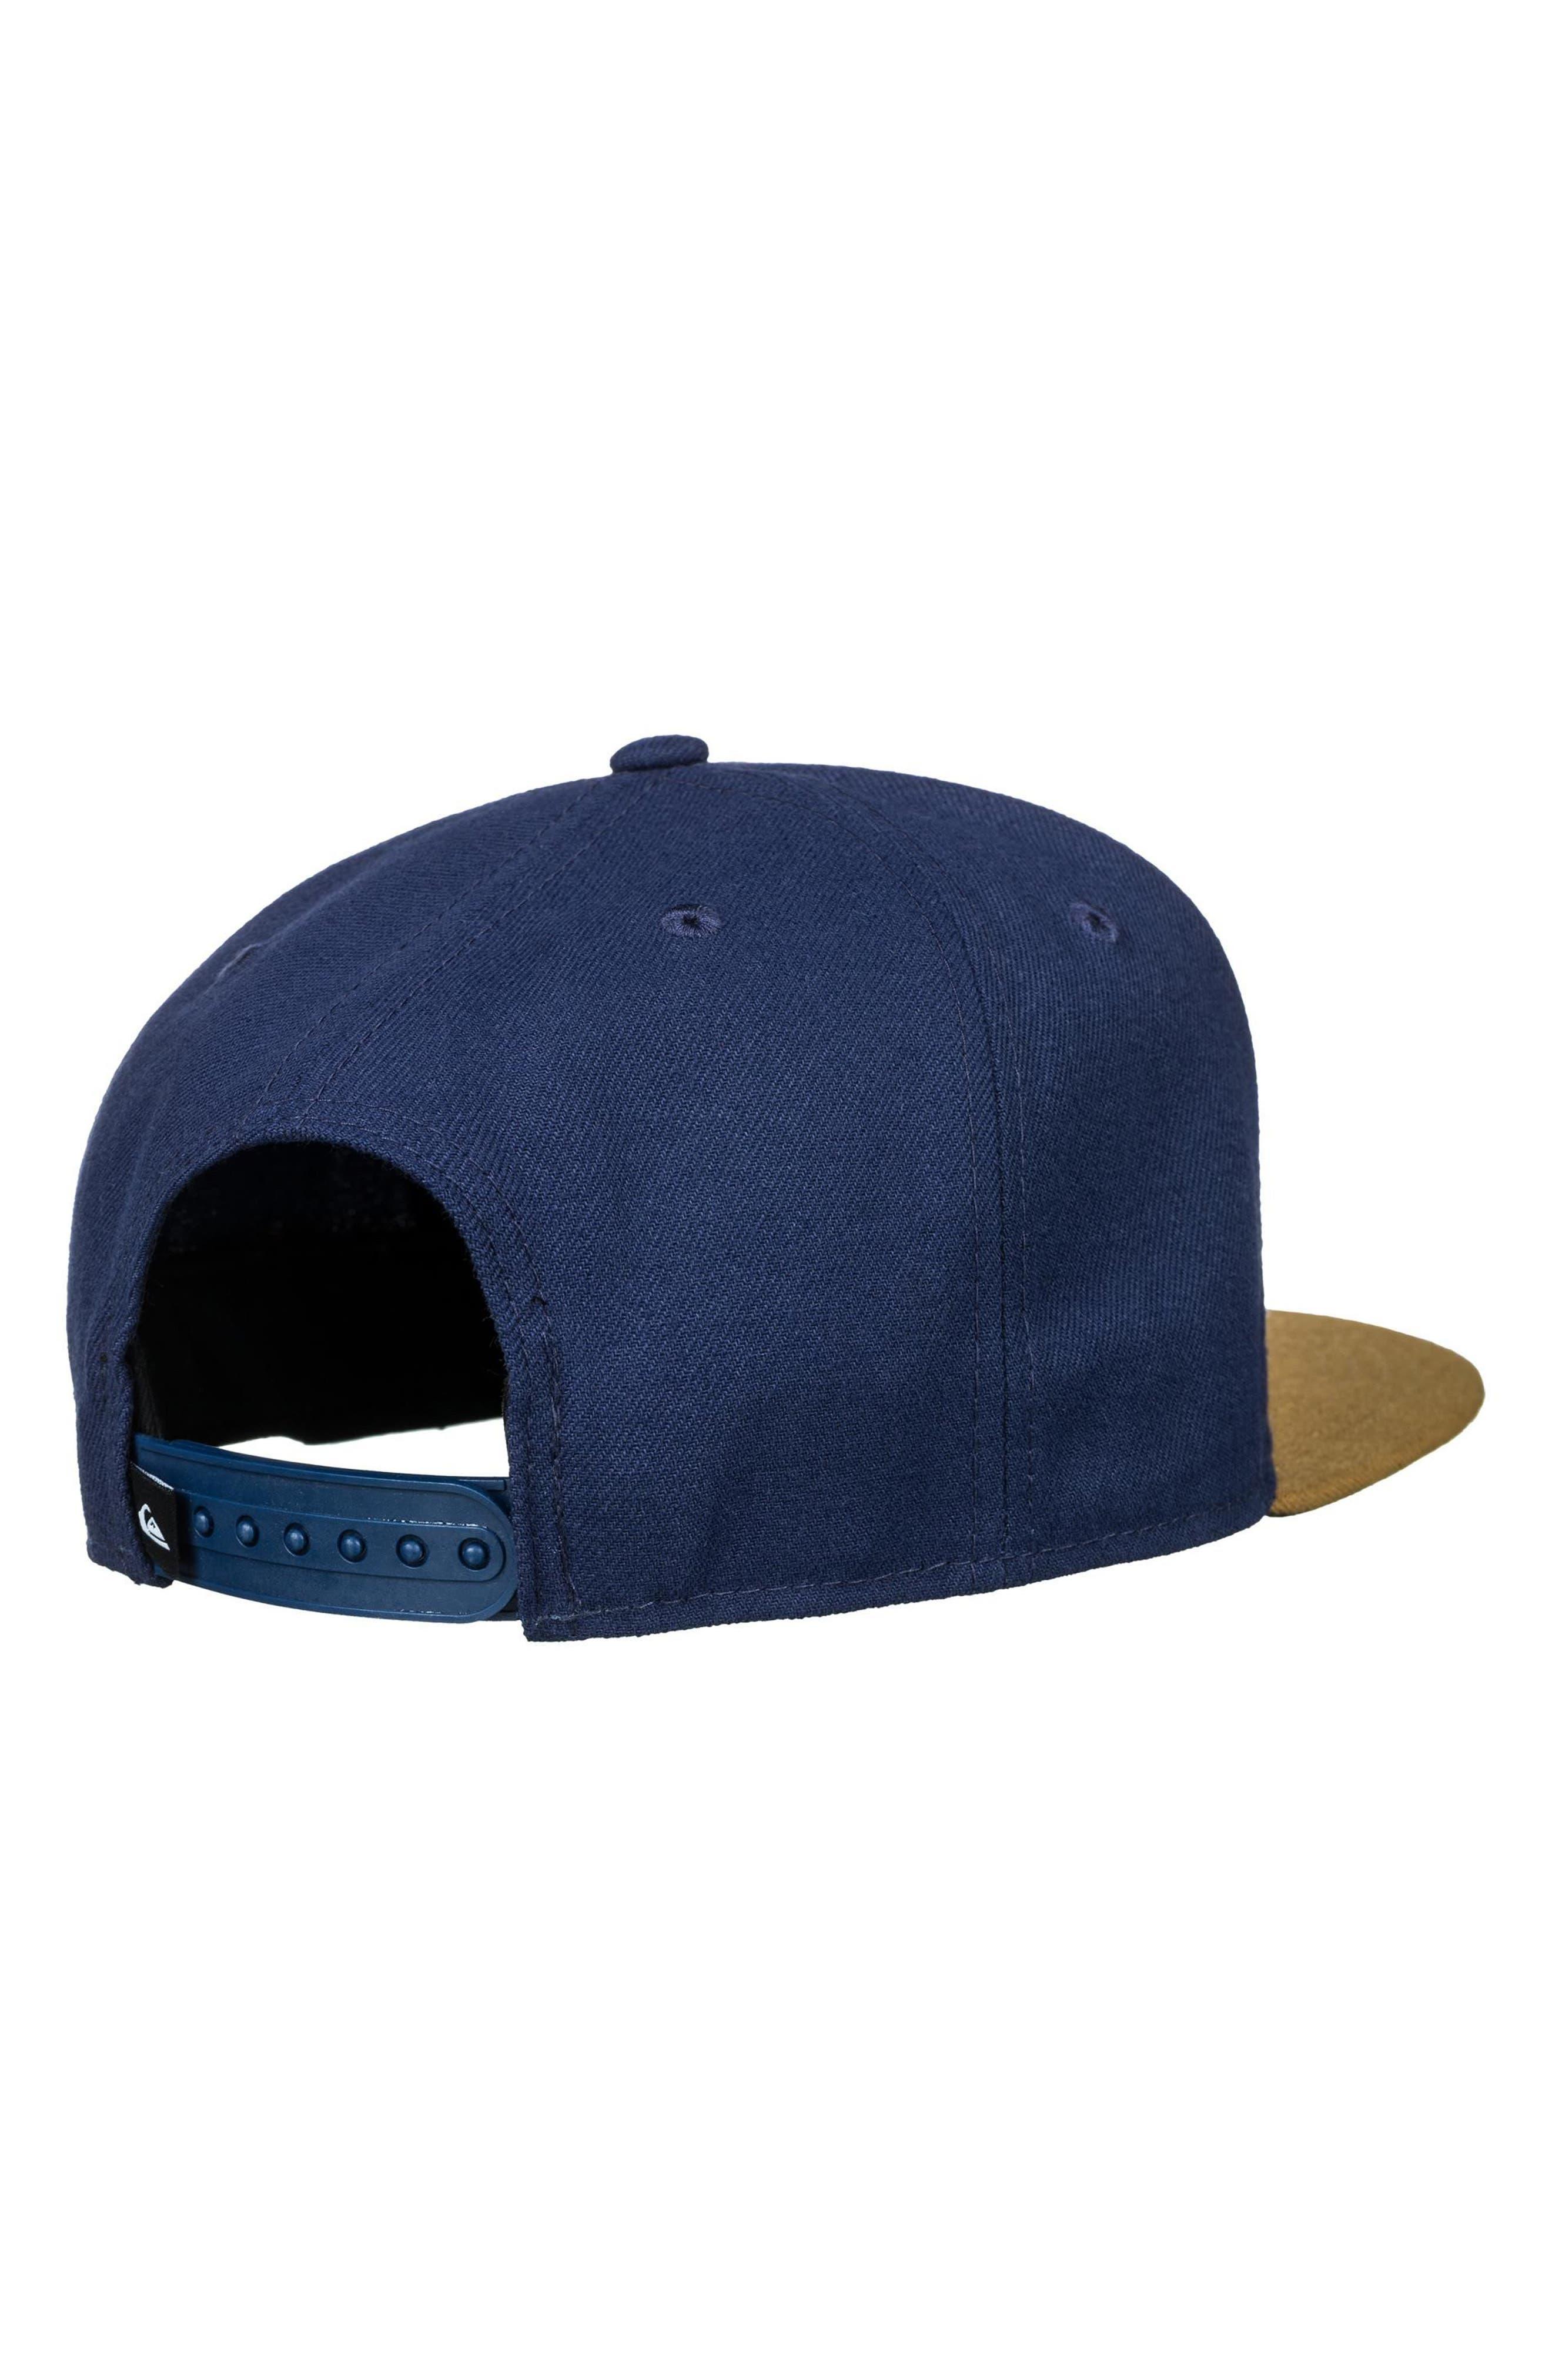 x New Era Stuckles Snapback Cap,                             Alternate thumbnail 2, color,                             Navy Blazer